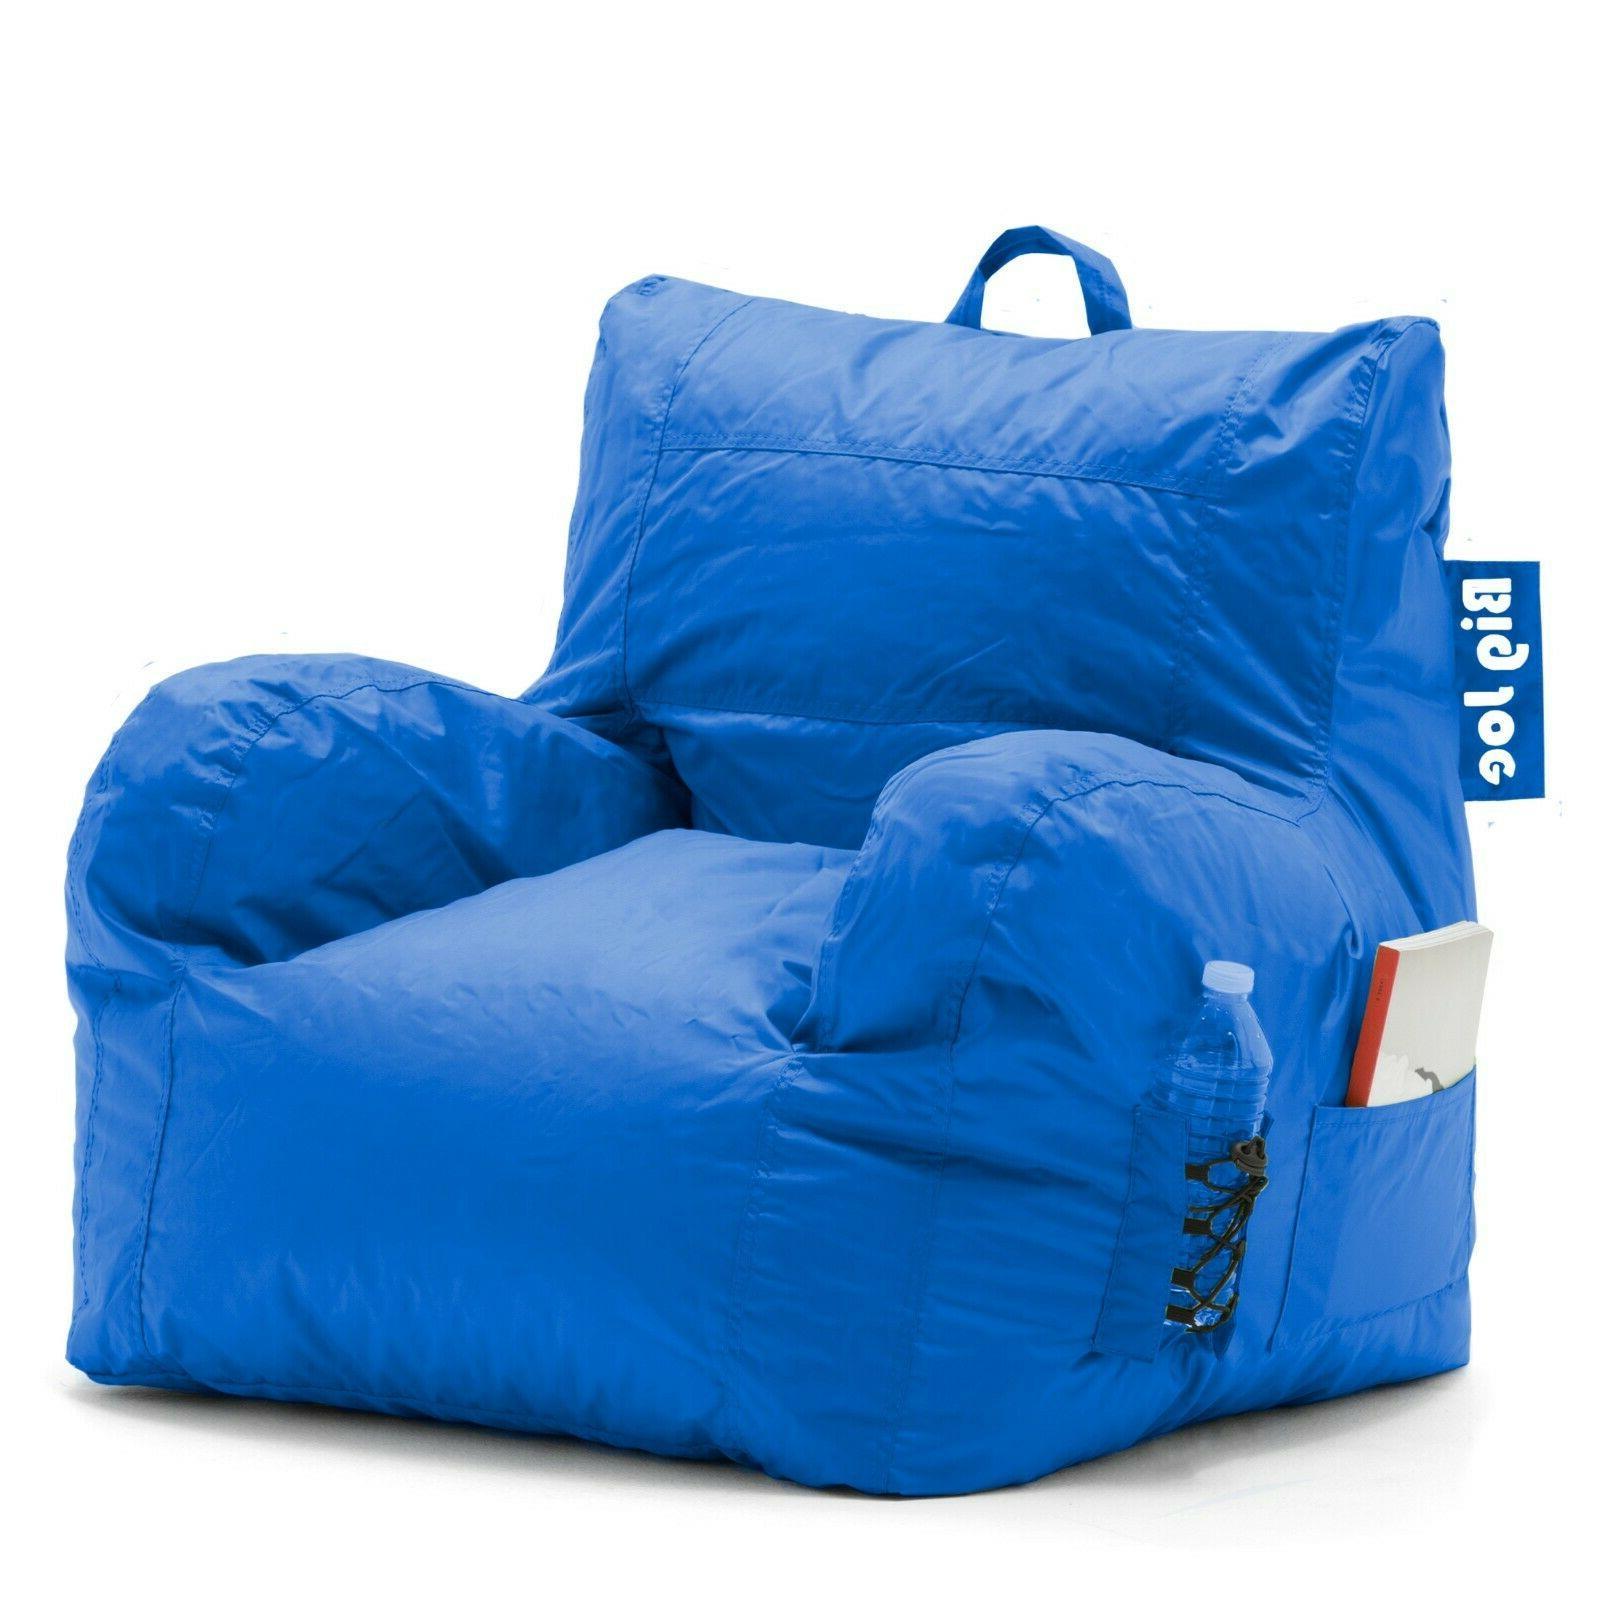 XL Big Milano Bean Bag Chair Cup Multiple Kids